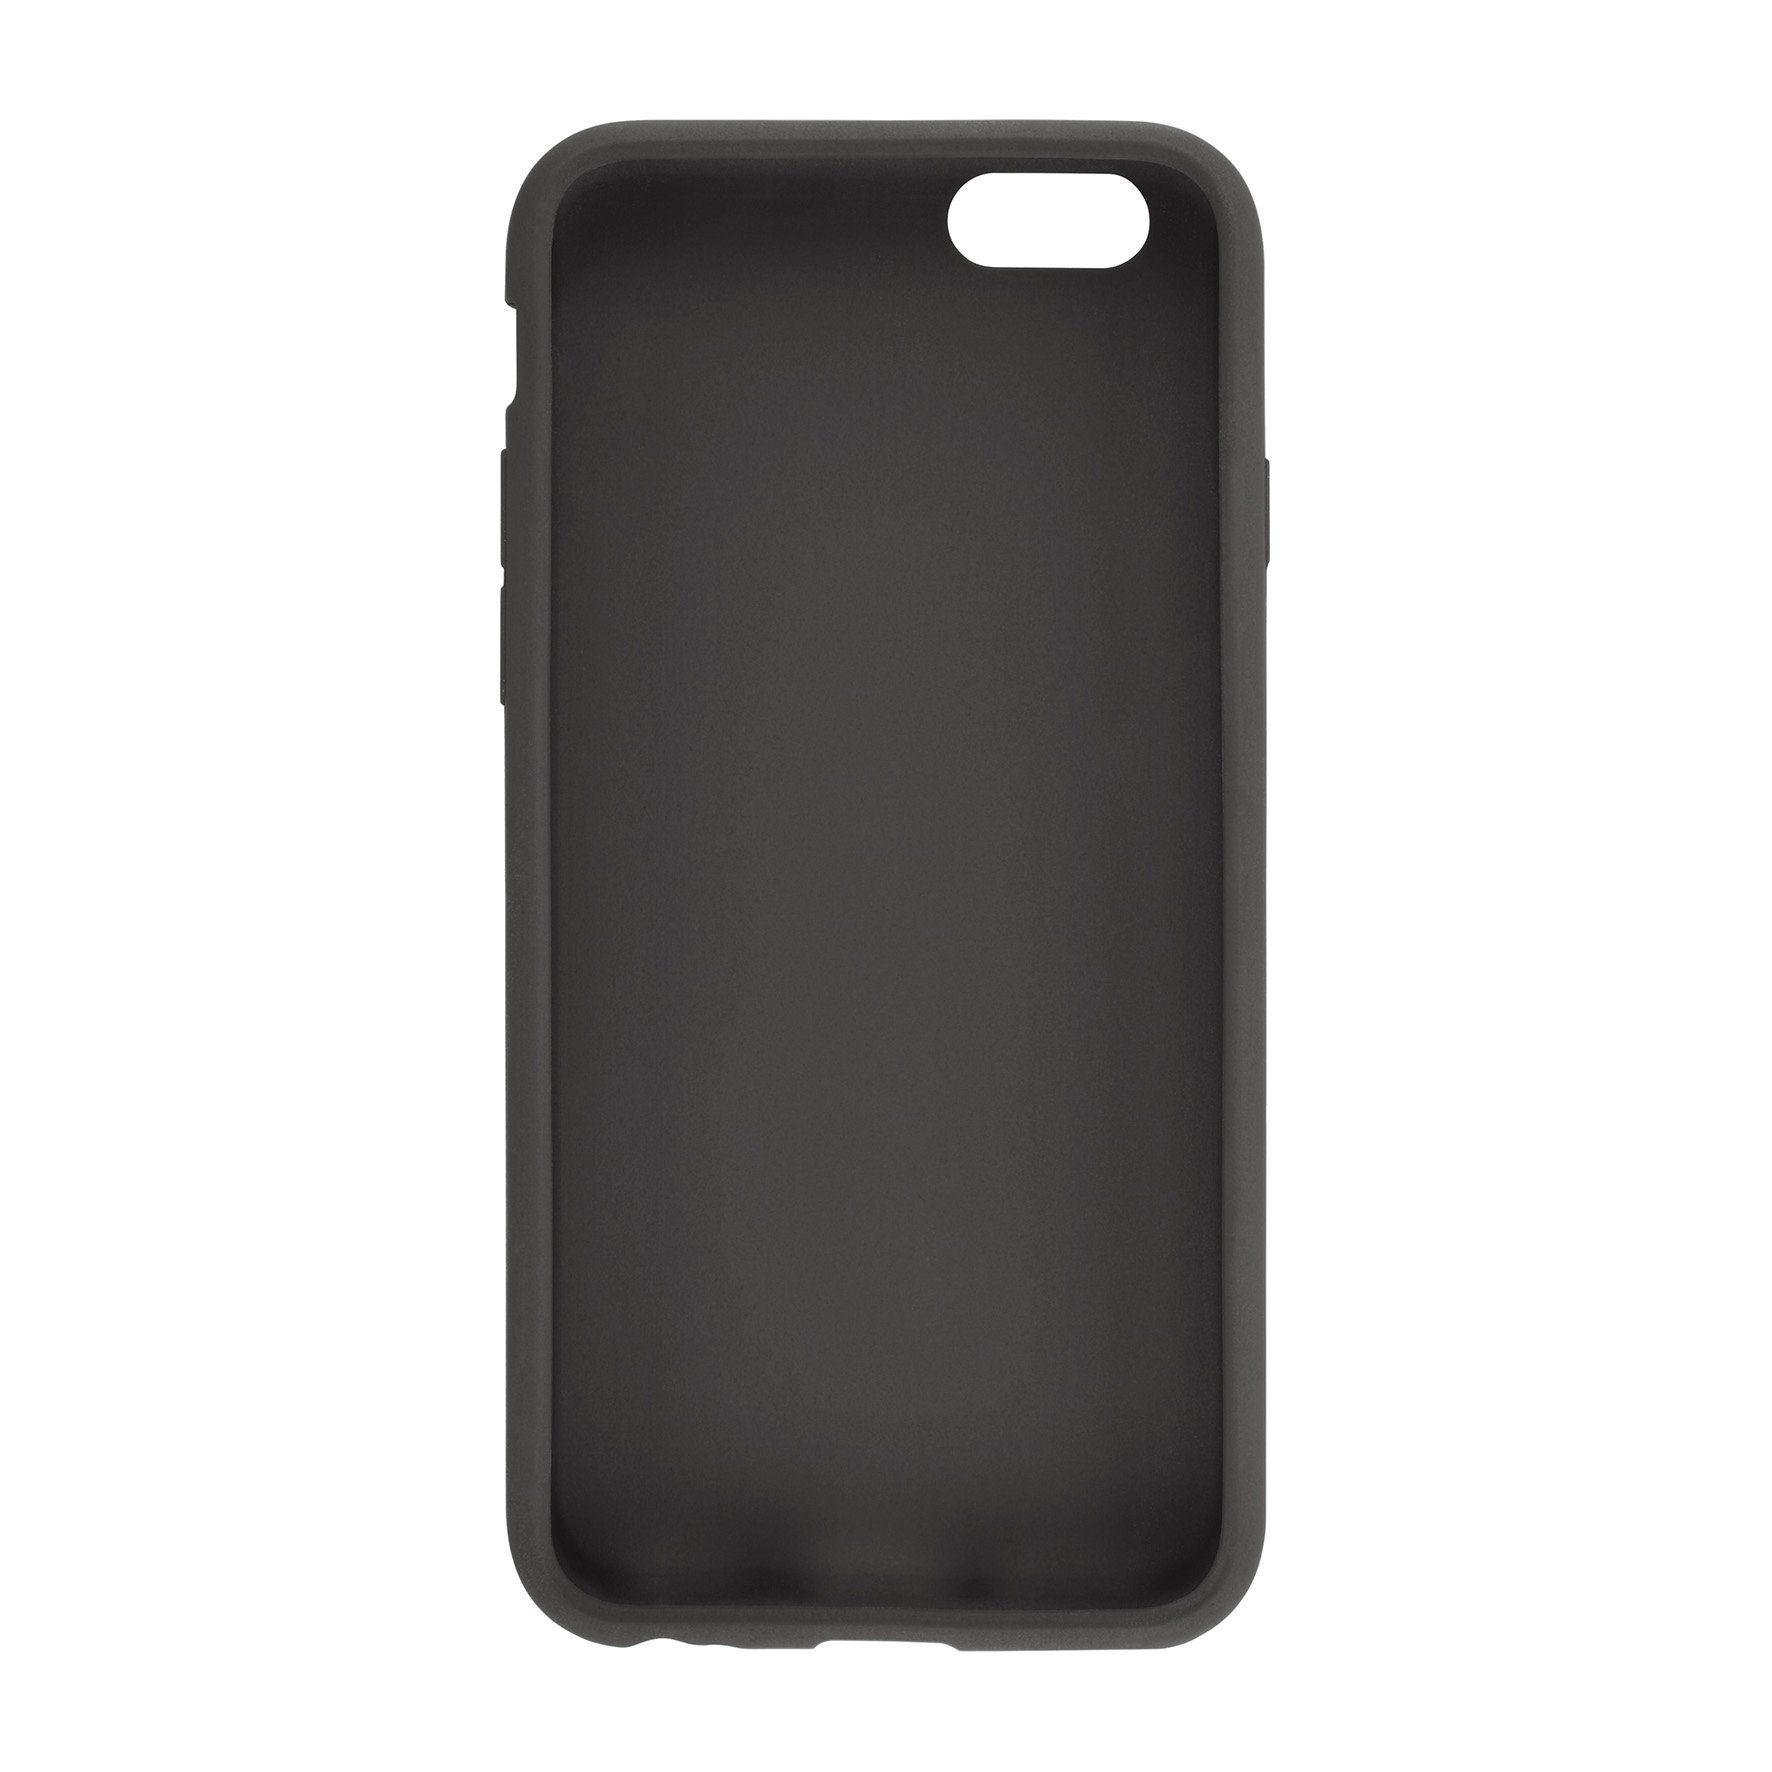 Artwizz Schutzhülle aus weichem Silikon »SeeJacket Silicone für iPhone 6/6s«